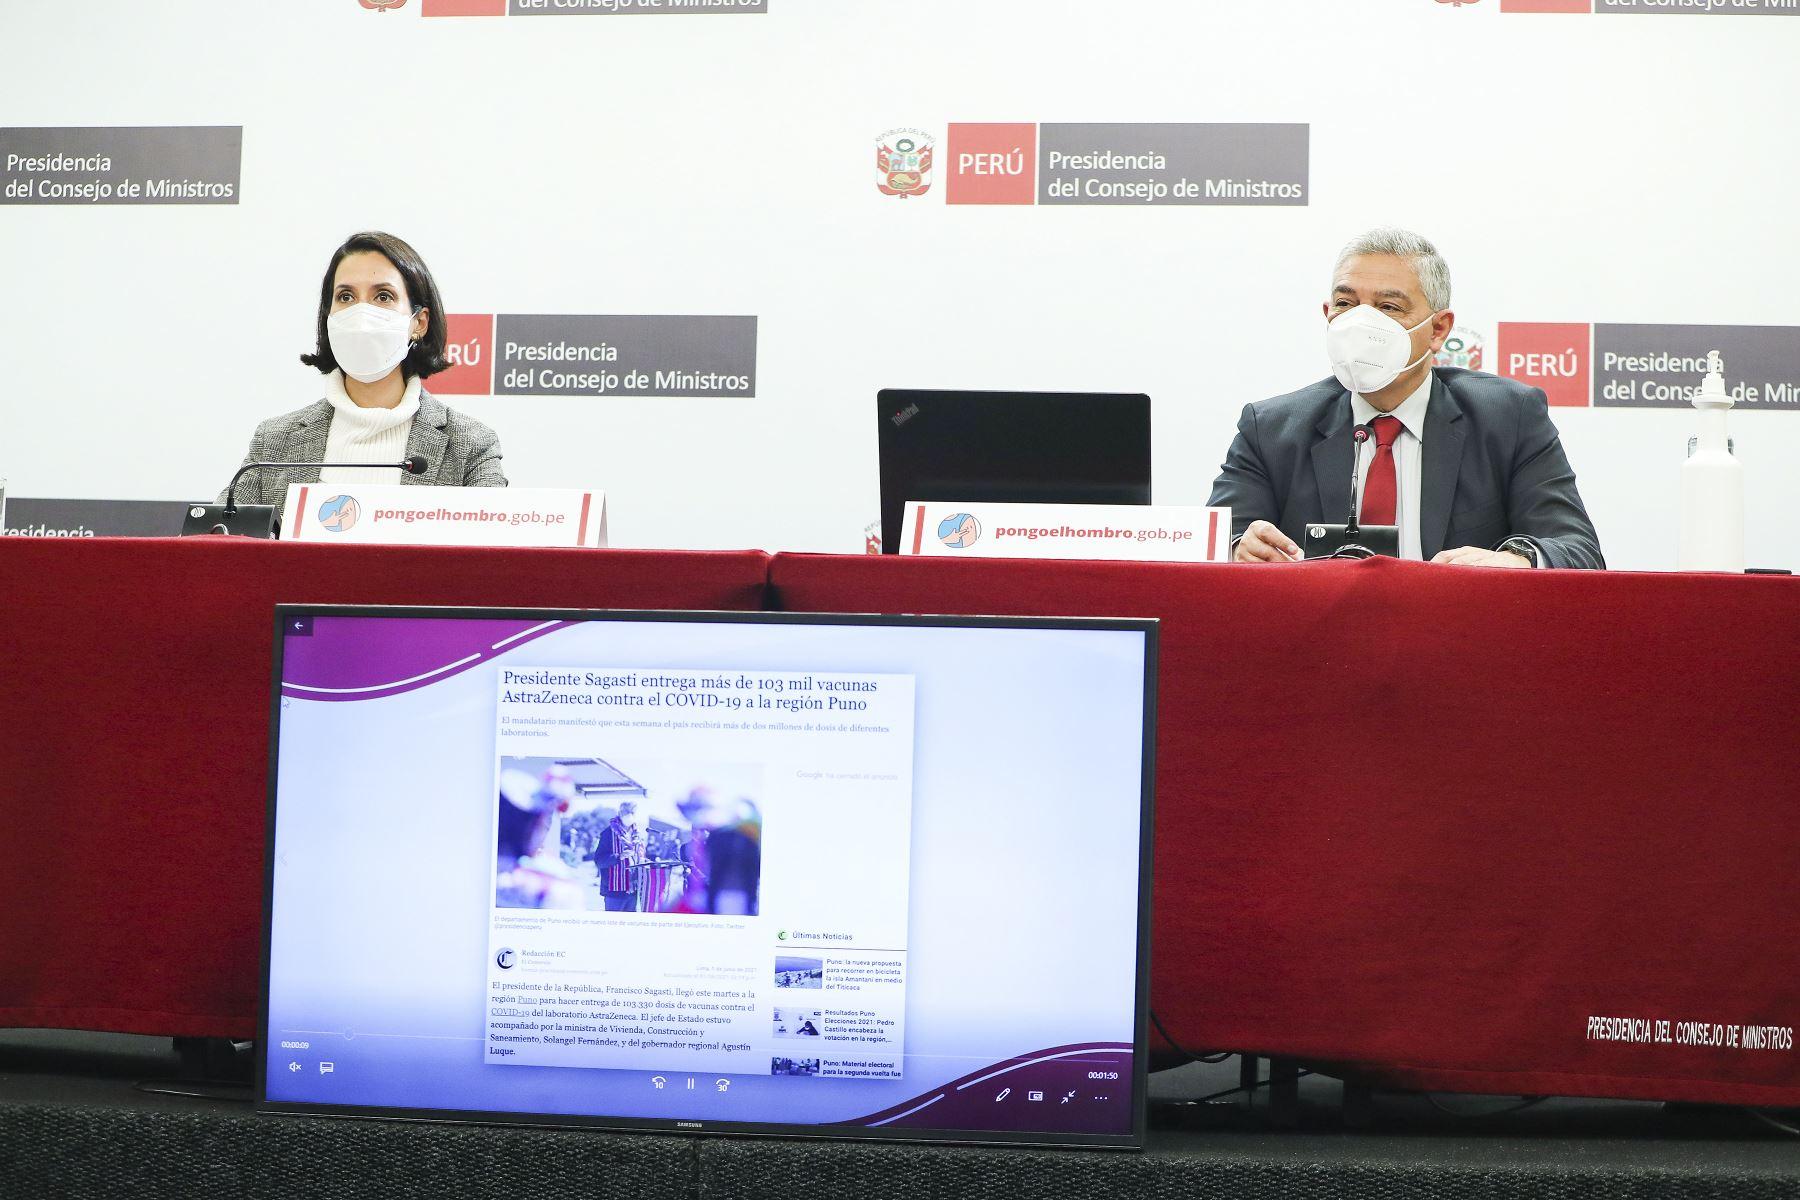 El Ministro del Interior, José Elice, junto a la ministra de Comercio Exterior, Claudia Cornejo, Ofrecieron una conferencia de prensa sobre los avances frente a pandemia y anuncios sobre la coyuntura nacional. Foto: ANDINA/PCM